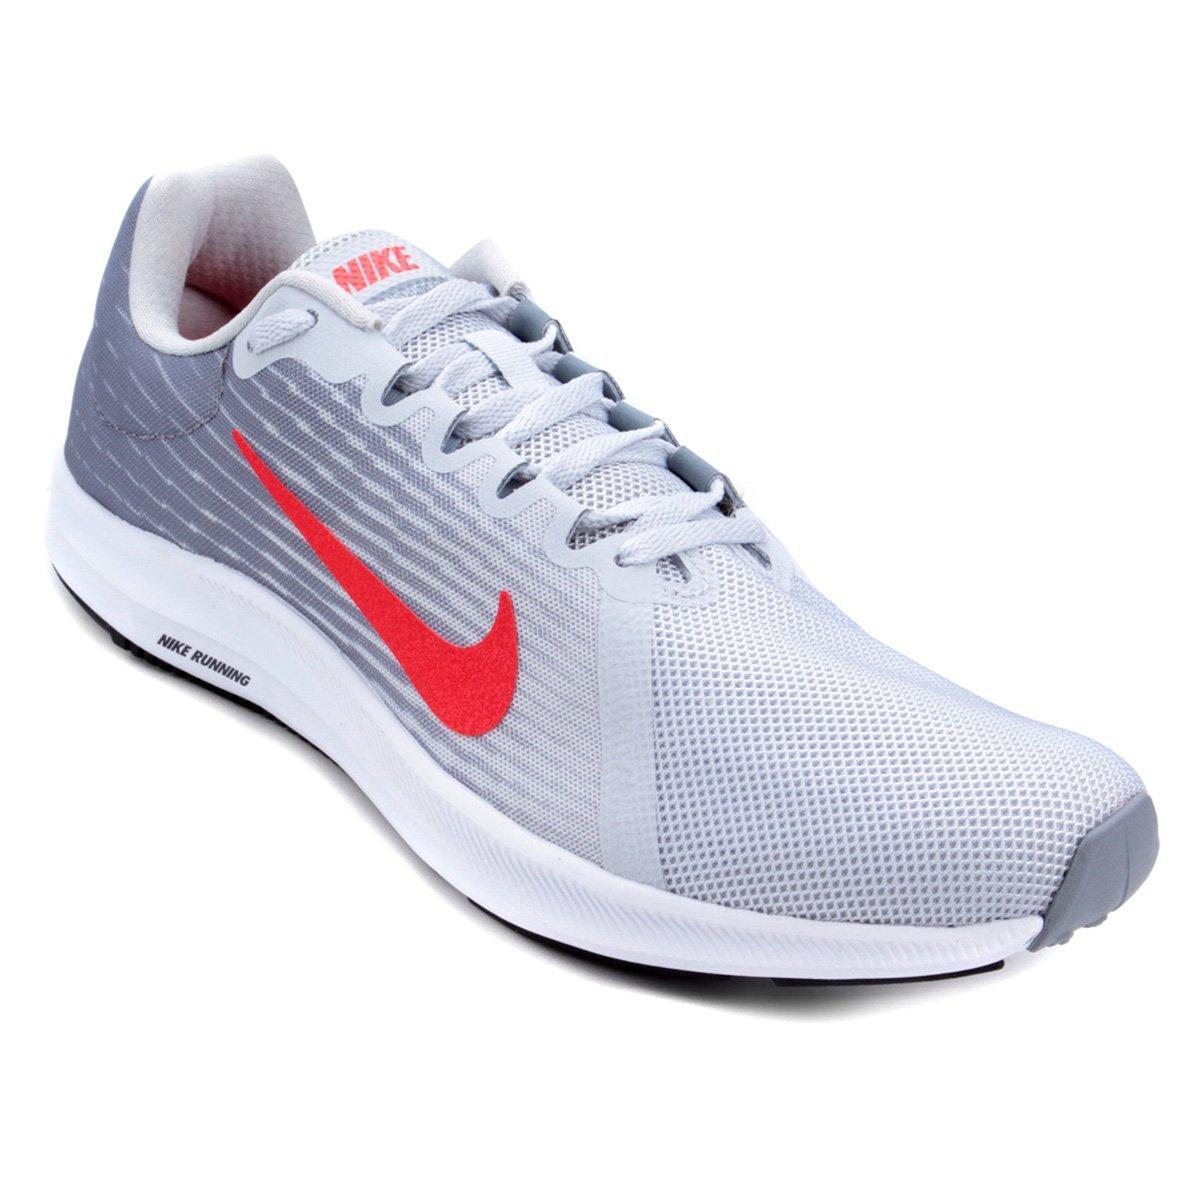 3ac599e80a0 Tênis Nike Downshifter 8 Masculino - Prata e Vermelho - Compre Agora ...